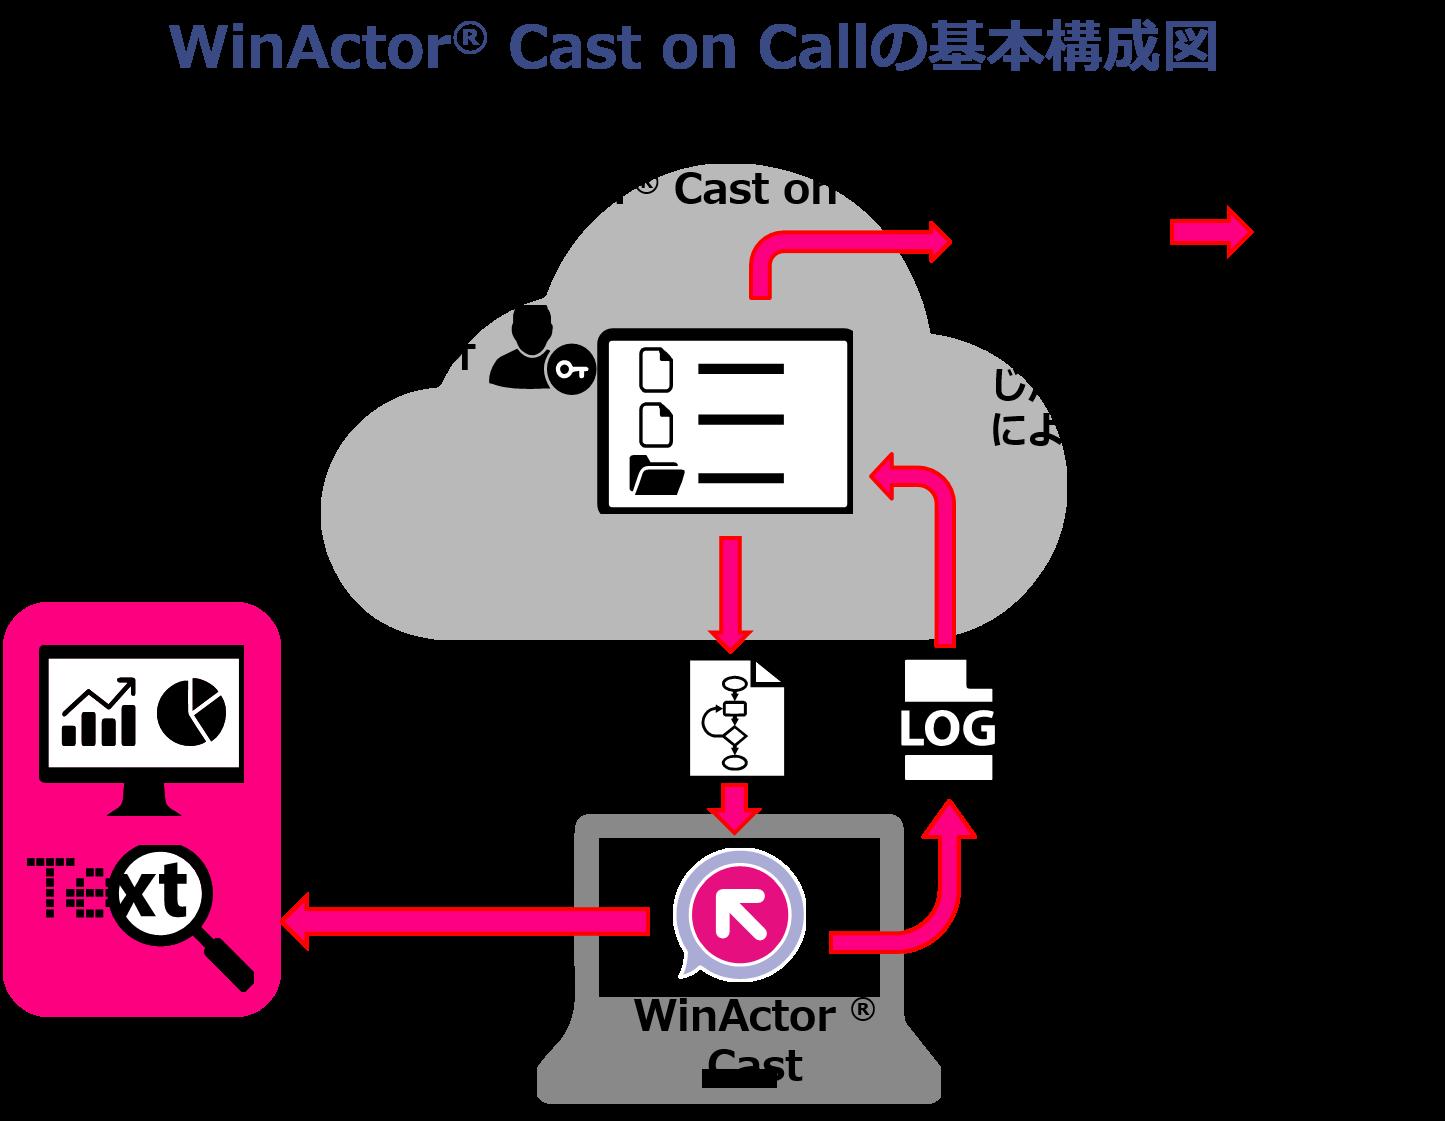 従量課金制クラウド型自動化サービス「WinActor® Cast on Call」9月3日正式リリース